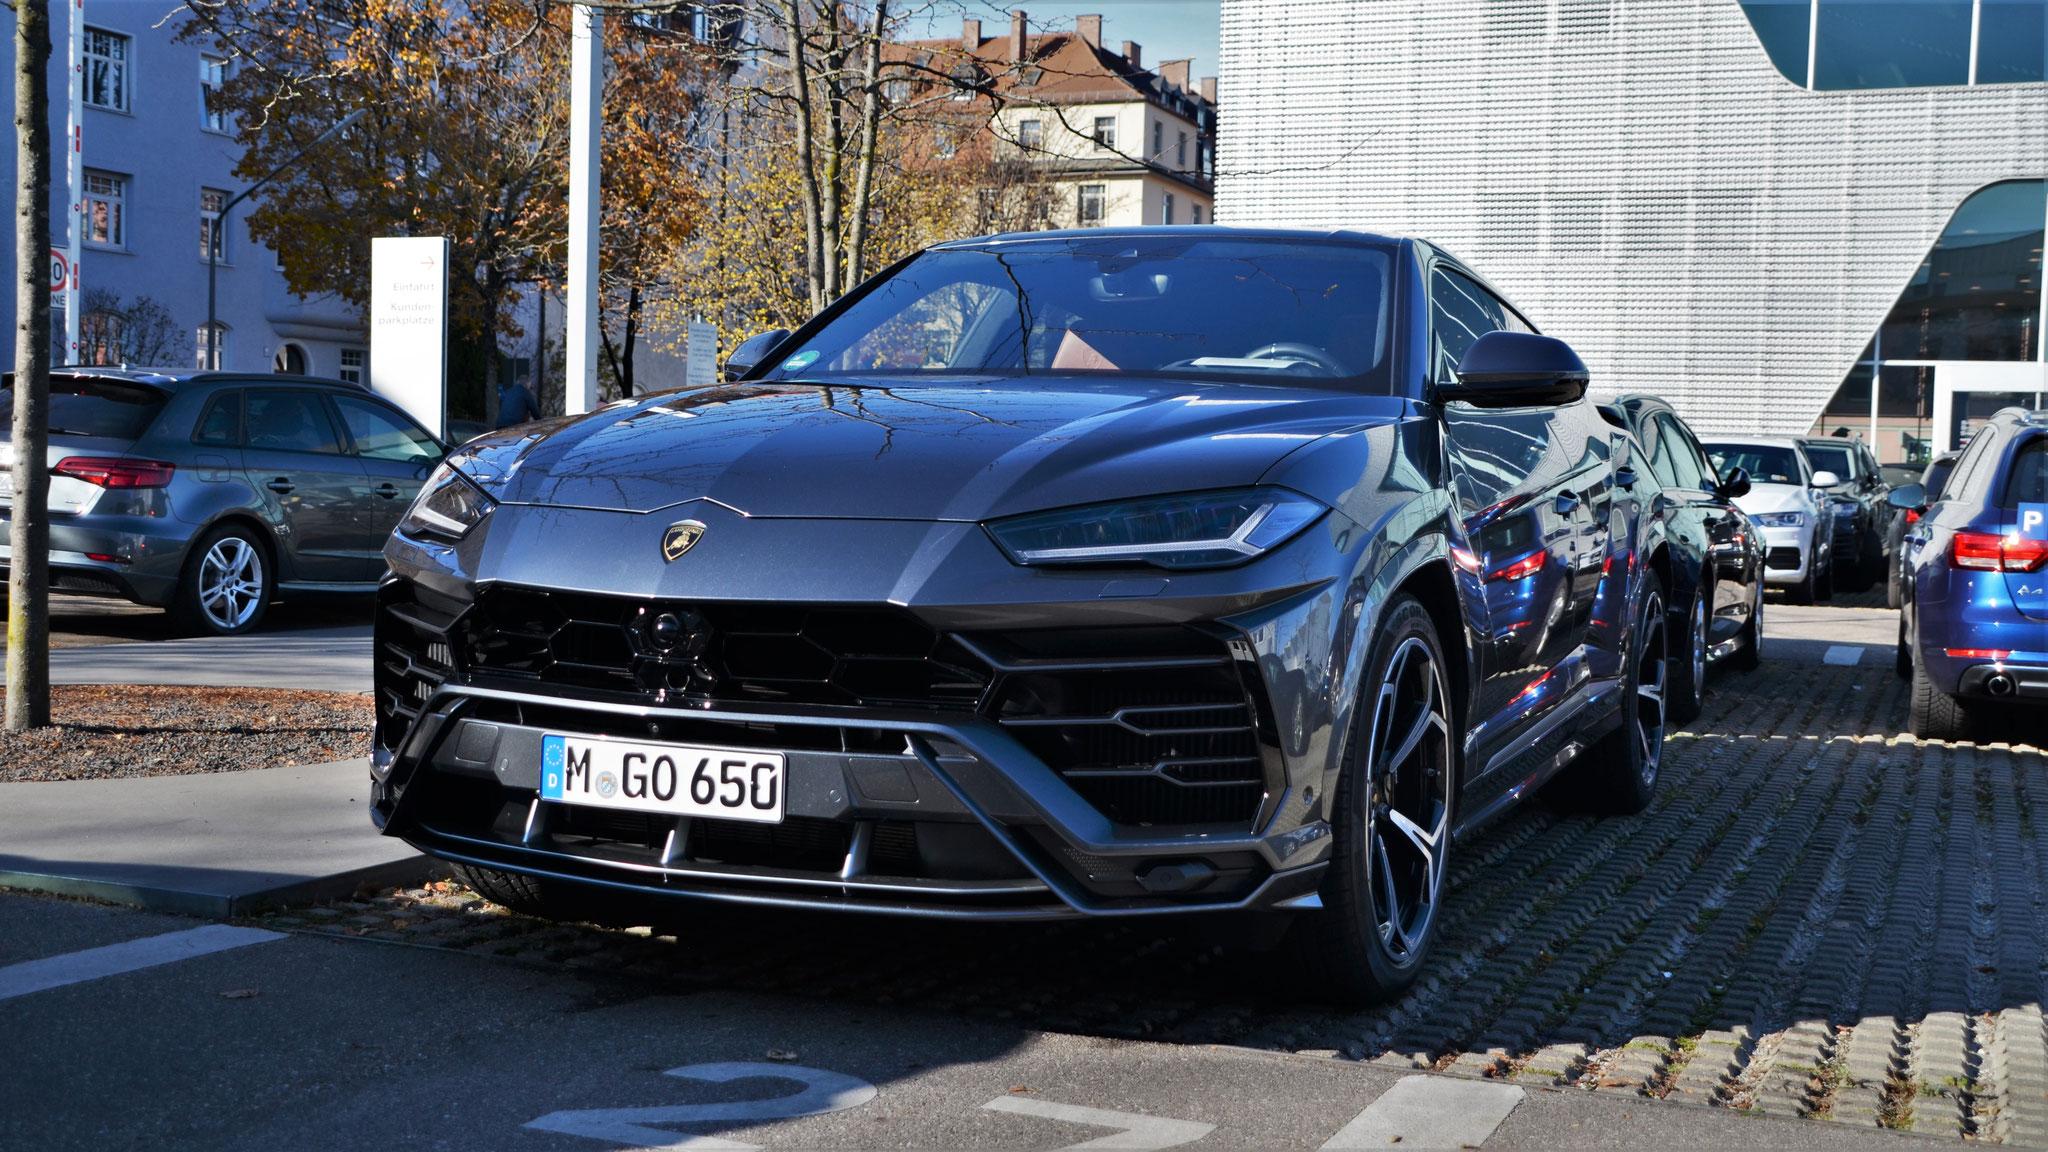 Lamborghini Urus - M-GO-650